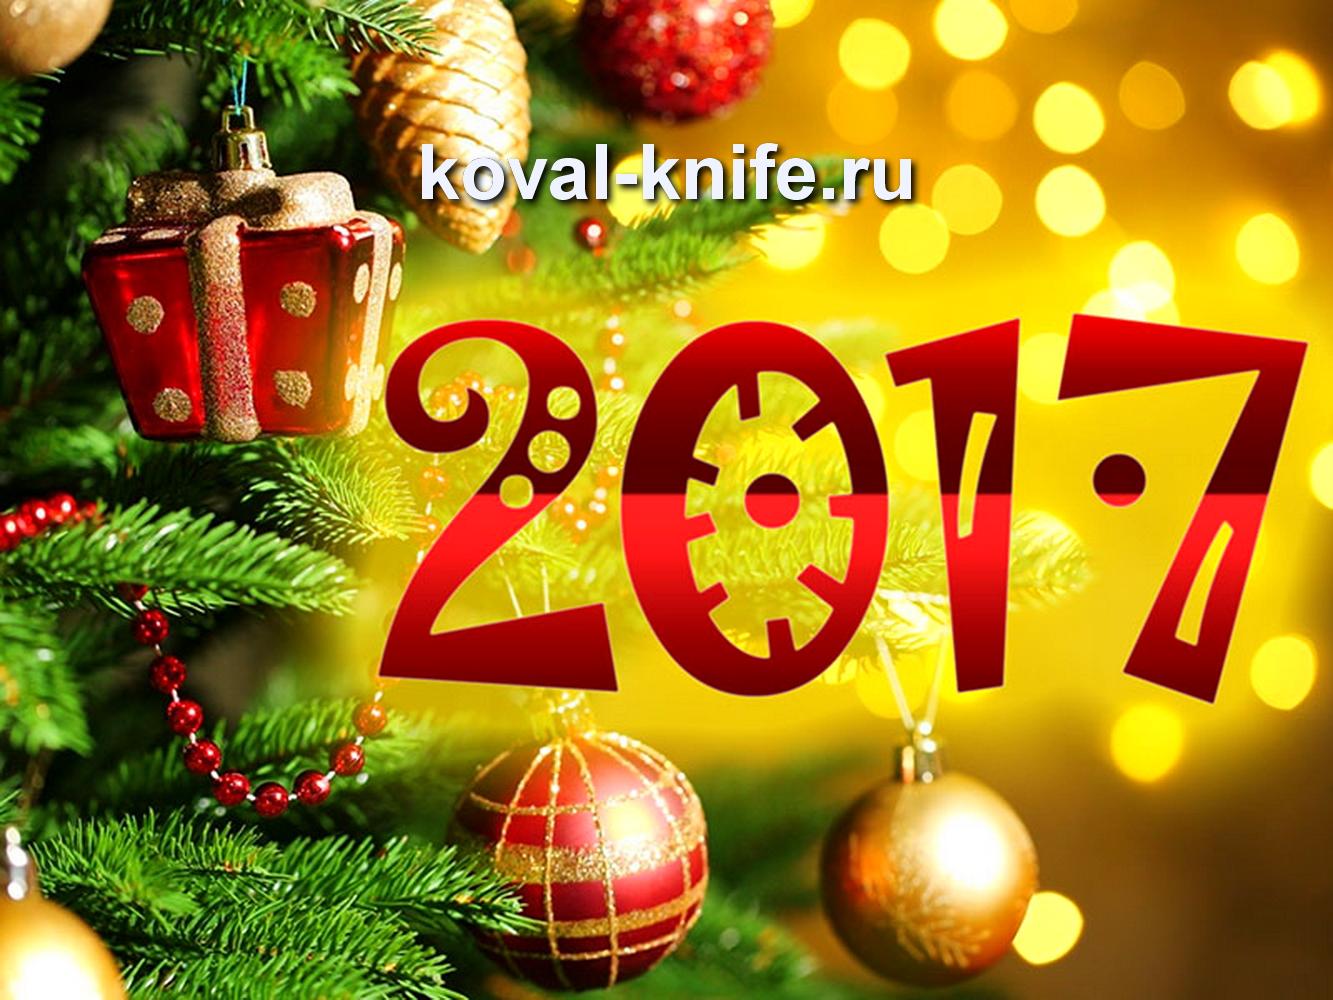 Поздравляем с наступающим 2017 годом!!!